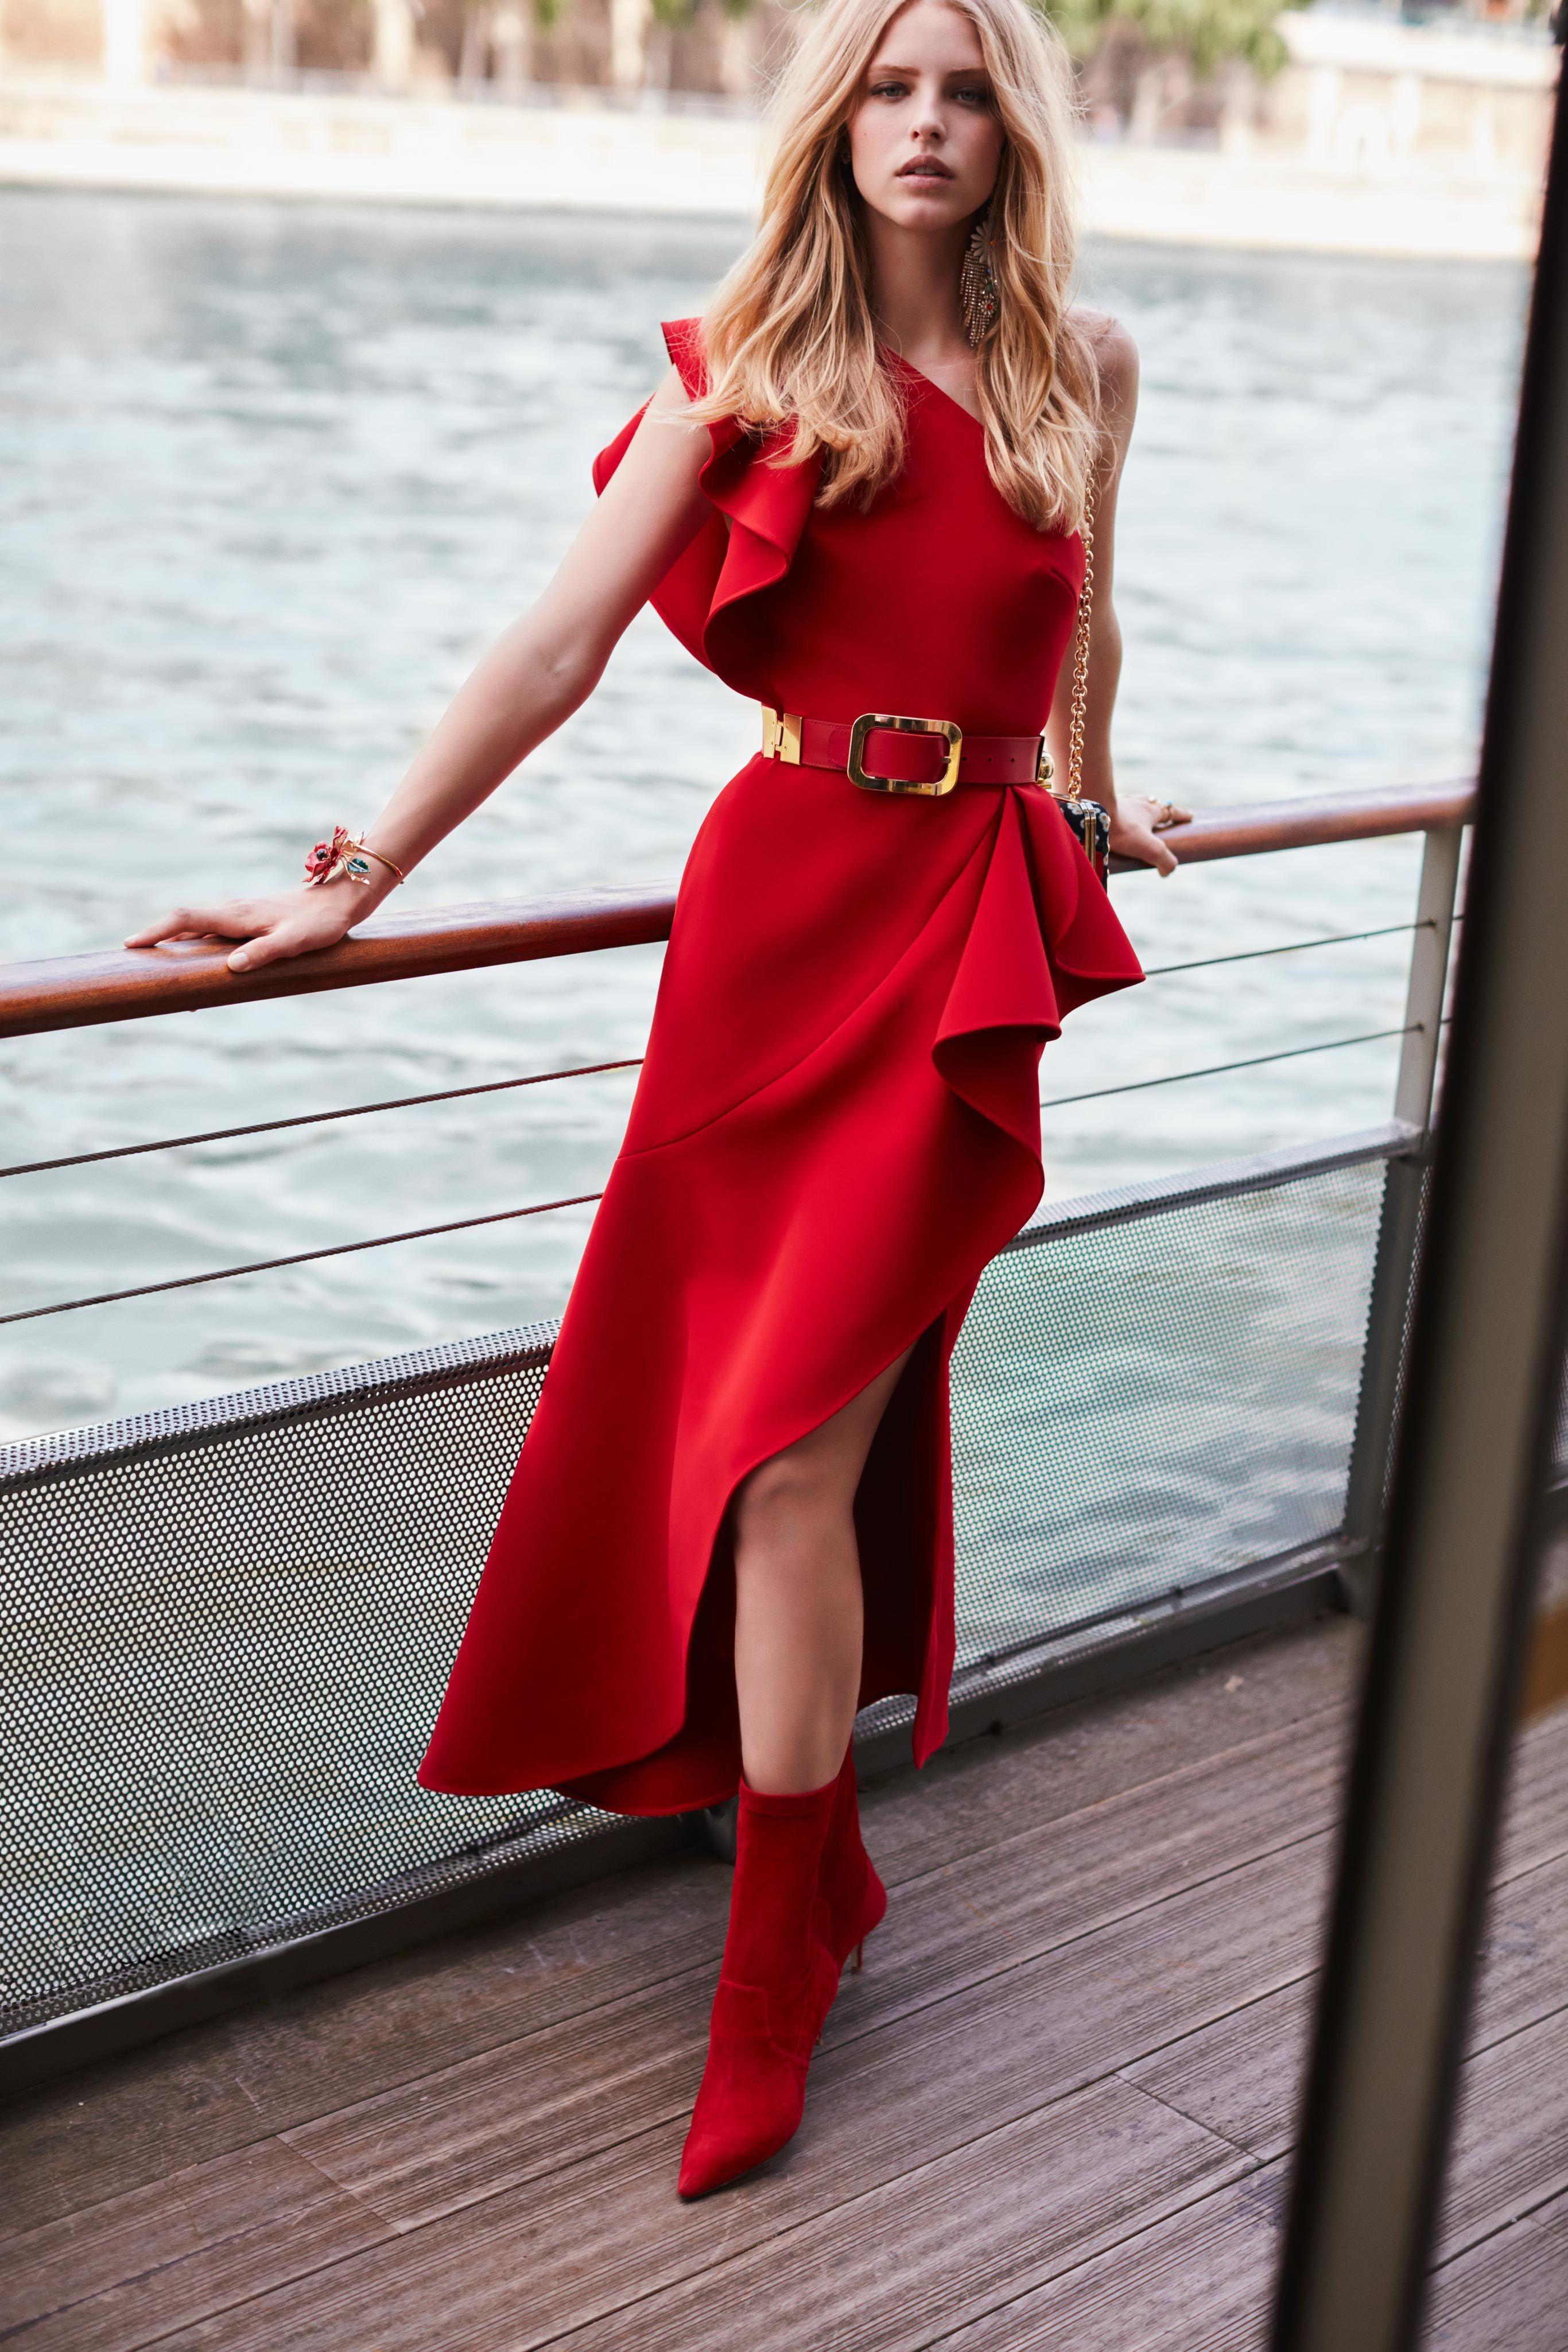 Lace off shoulder wedding dress august 2019 Elie Saab Resort  Fashion Show  Vêtements et accessoires